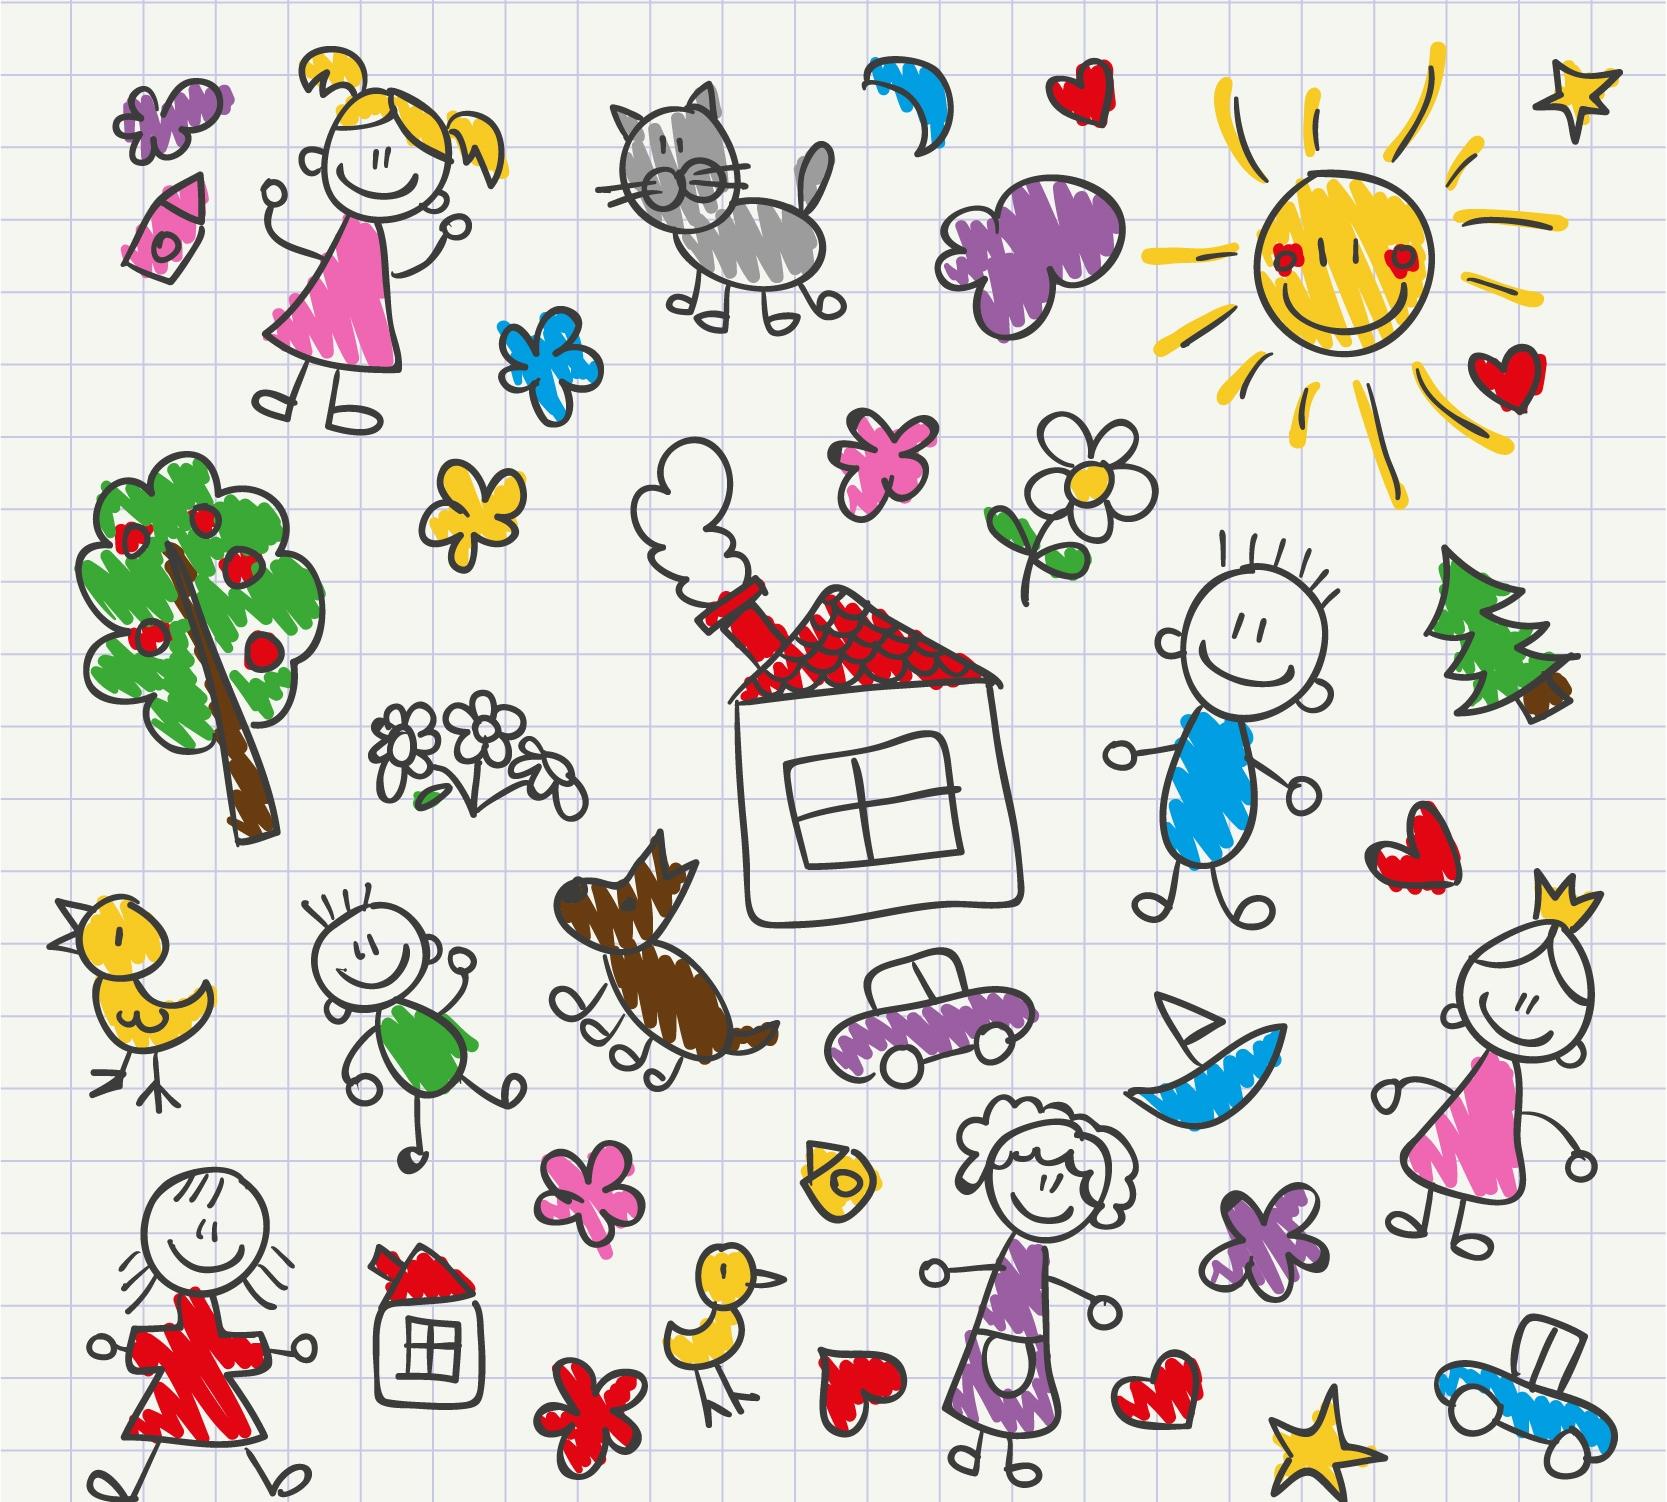 dibujos de navidad dibujos para ni os